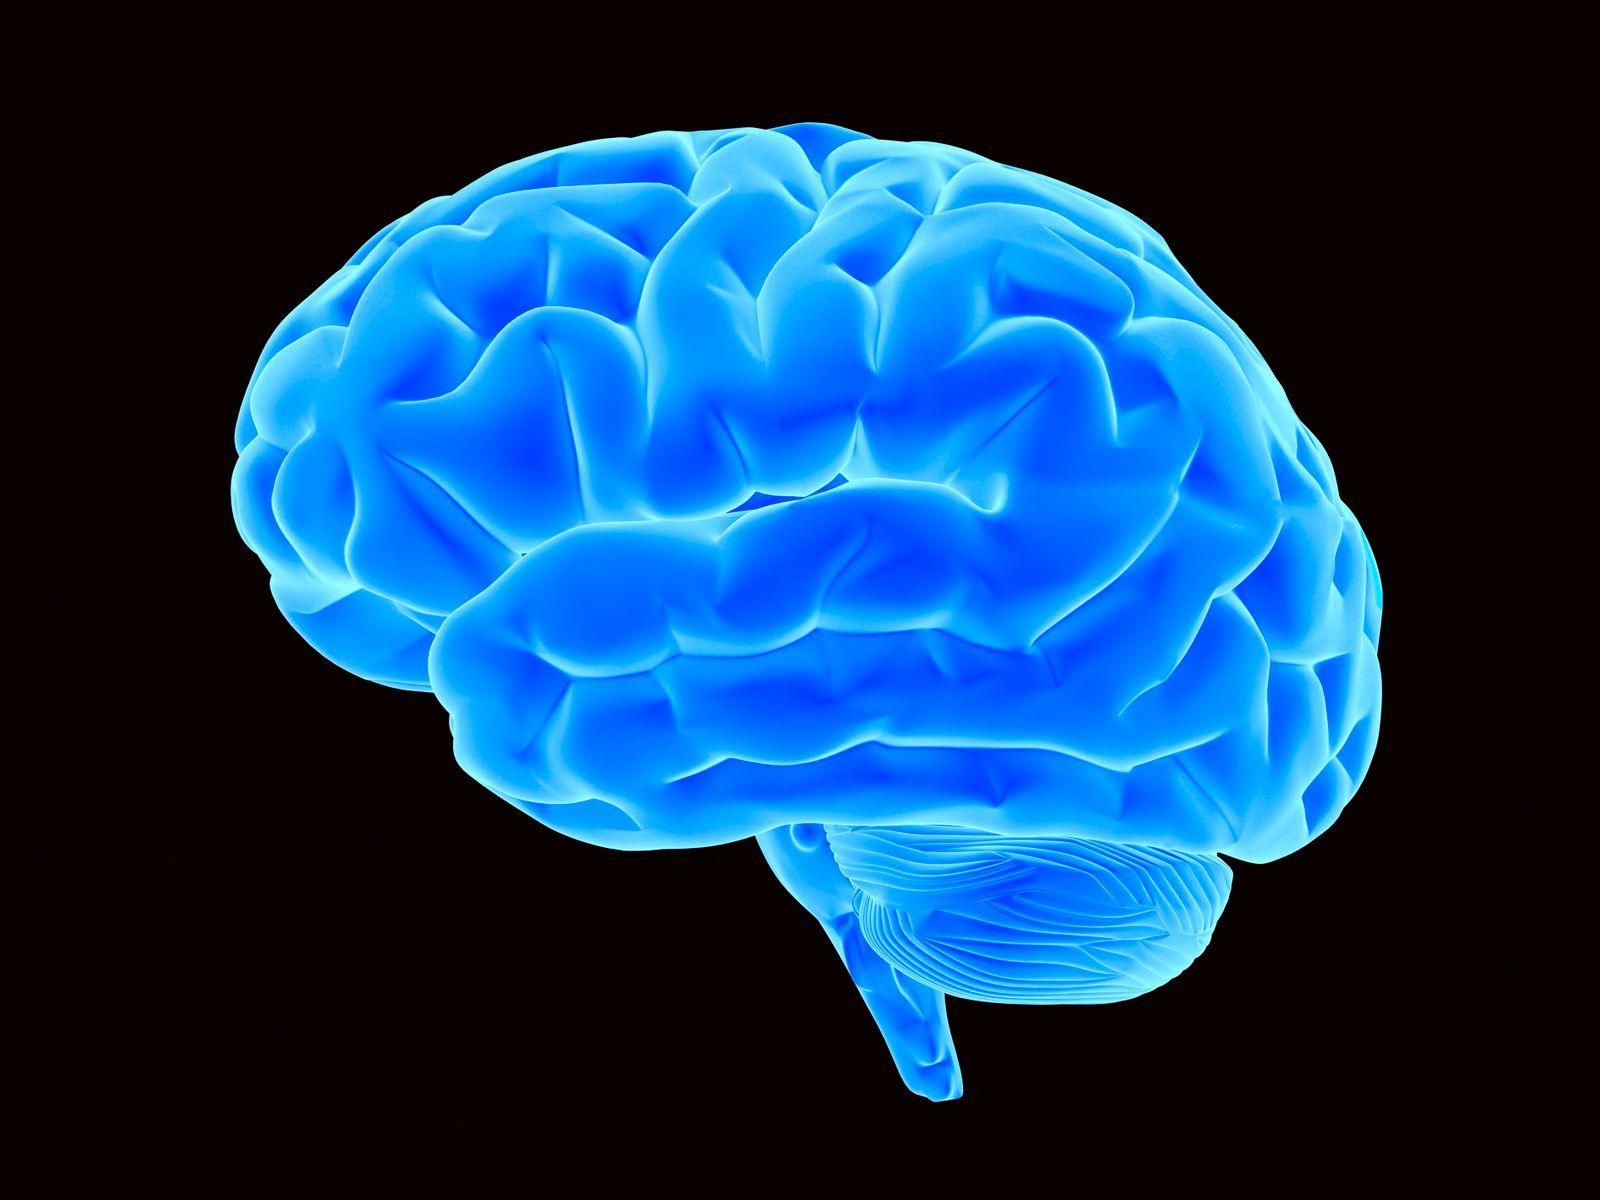 NICHT MEHR VERWENDEN! - Symbolbild Wissenschaft/ Gehirn